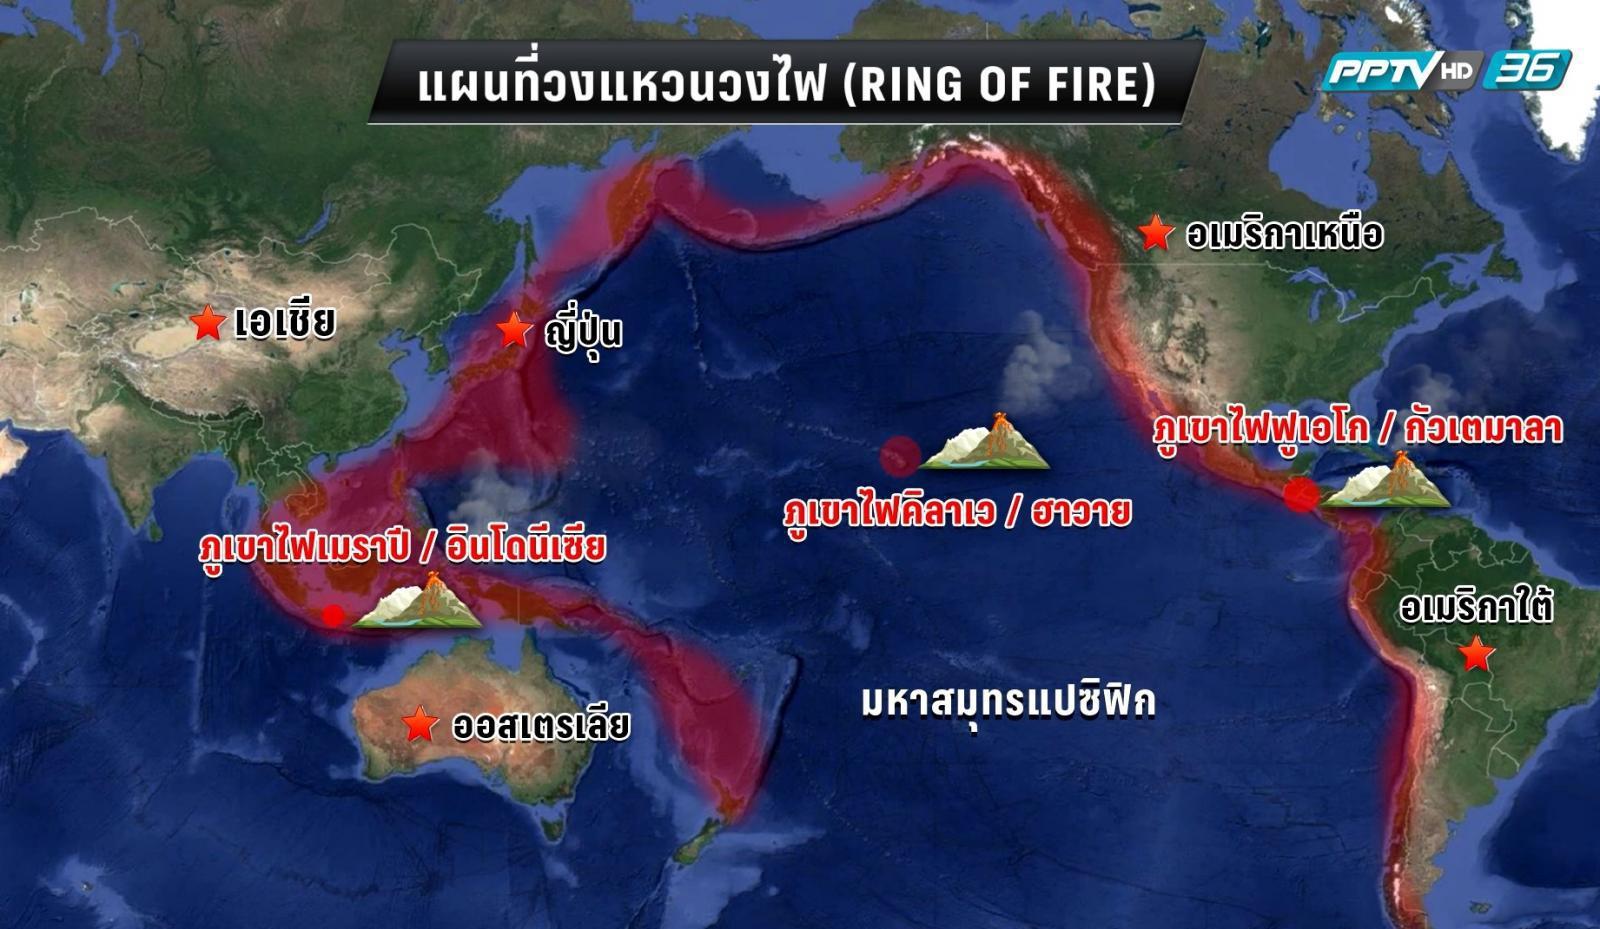 """ภูเขาไฟปะทุ 3 ลูกในระยะเวลาไล่เลี่ยกัน บนแนว """"วงแหวนแห่งไฟ"""""""